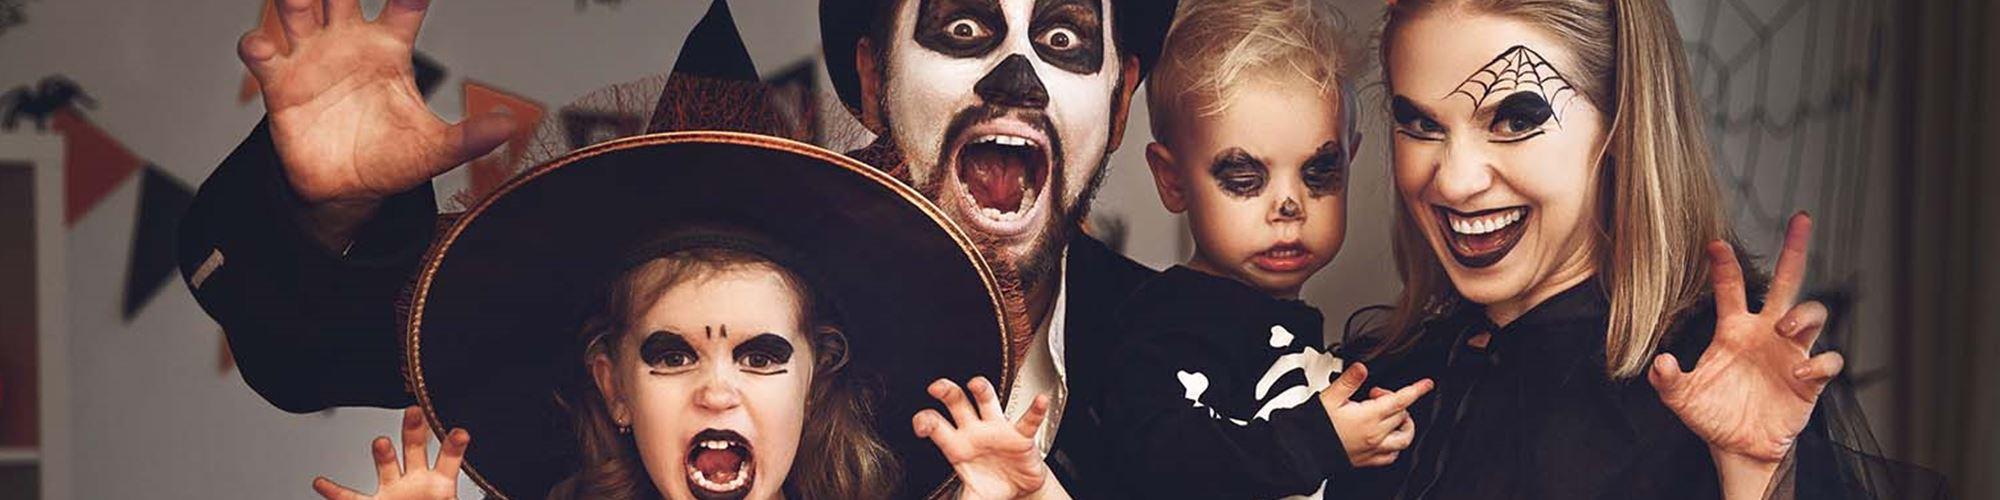 """Halloween: o """"doçura ou travessura"""" de porta em porta é desaconselhado"""